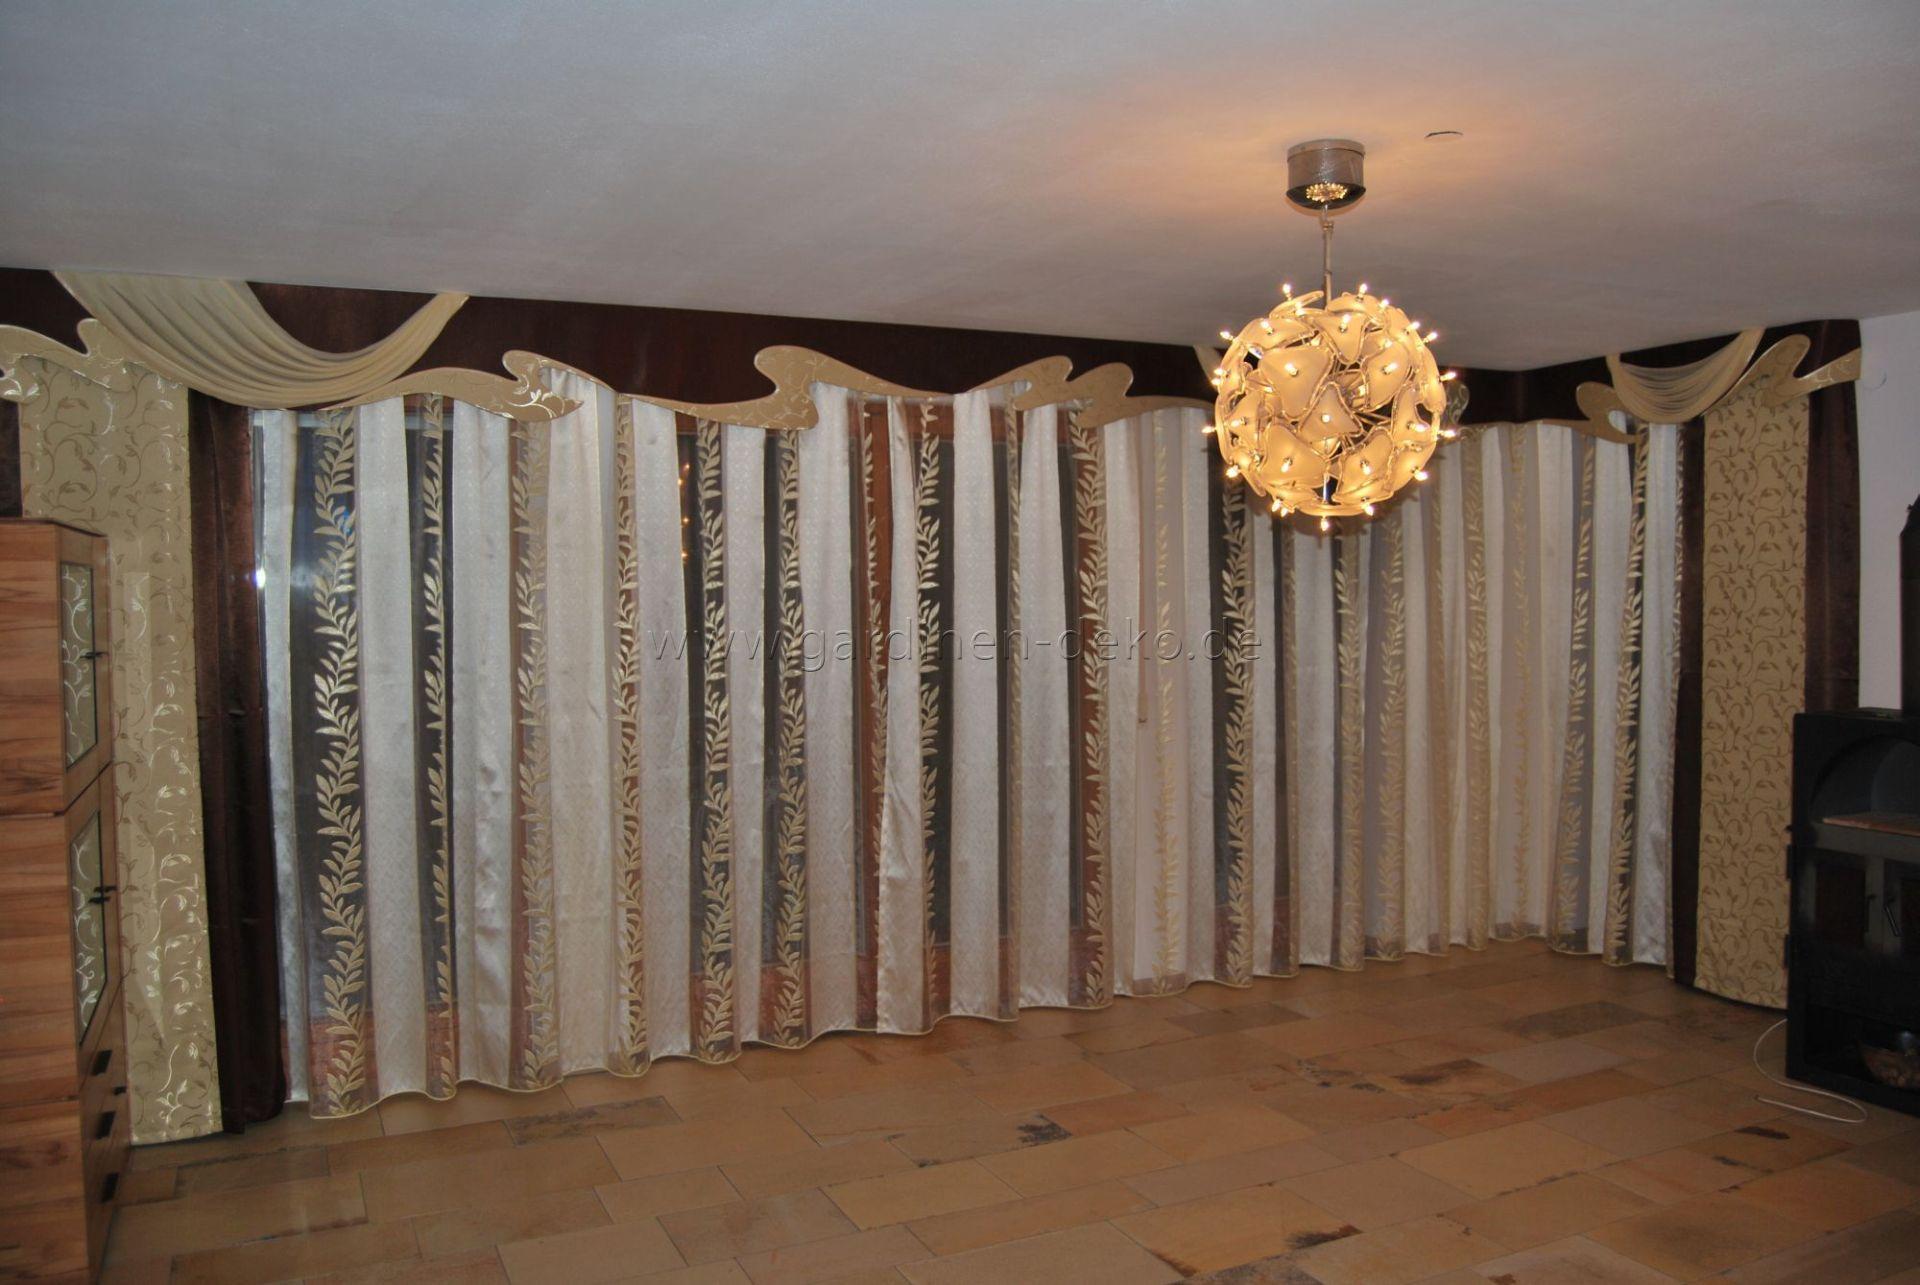 Awesome Groer Wohnzimmer Vorhang Im Klassischen Stil Mit Schabracke In Beige  Braun Und Wei With Gardinen Braun